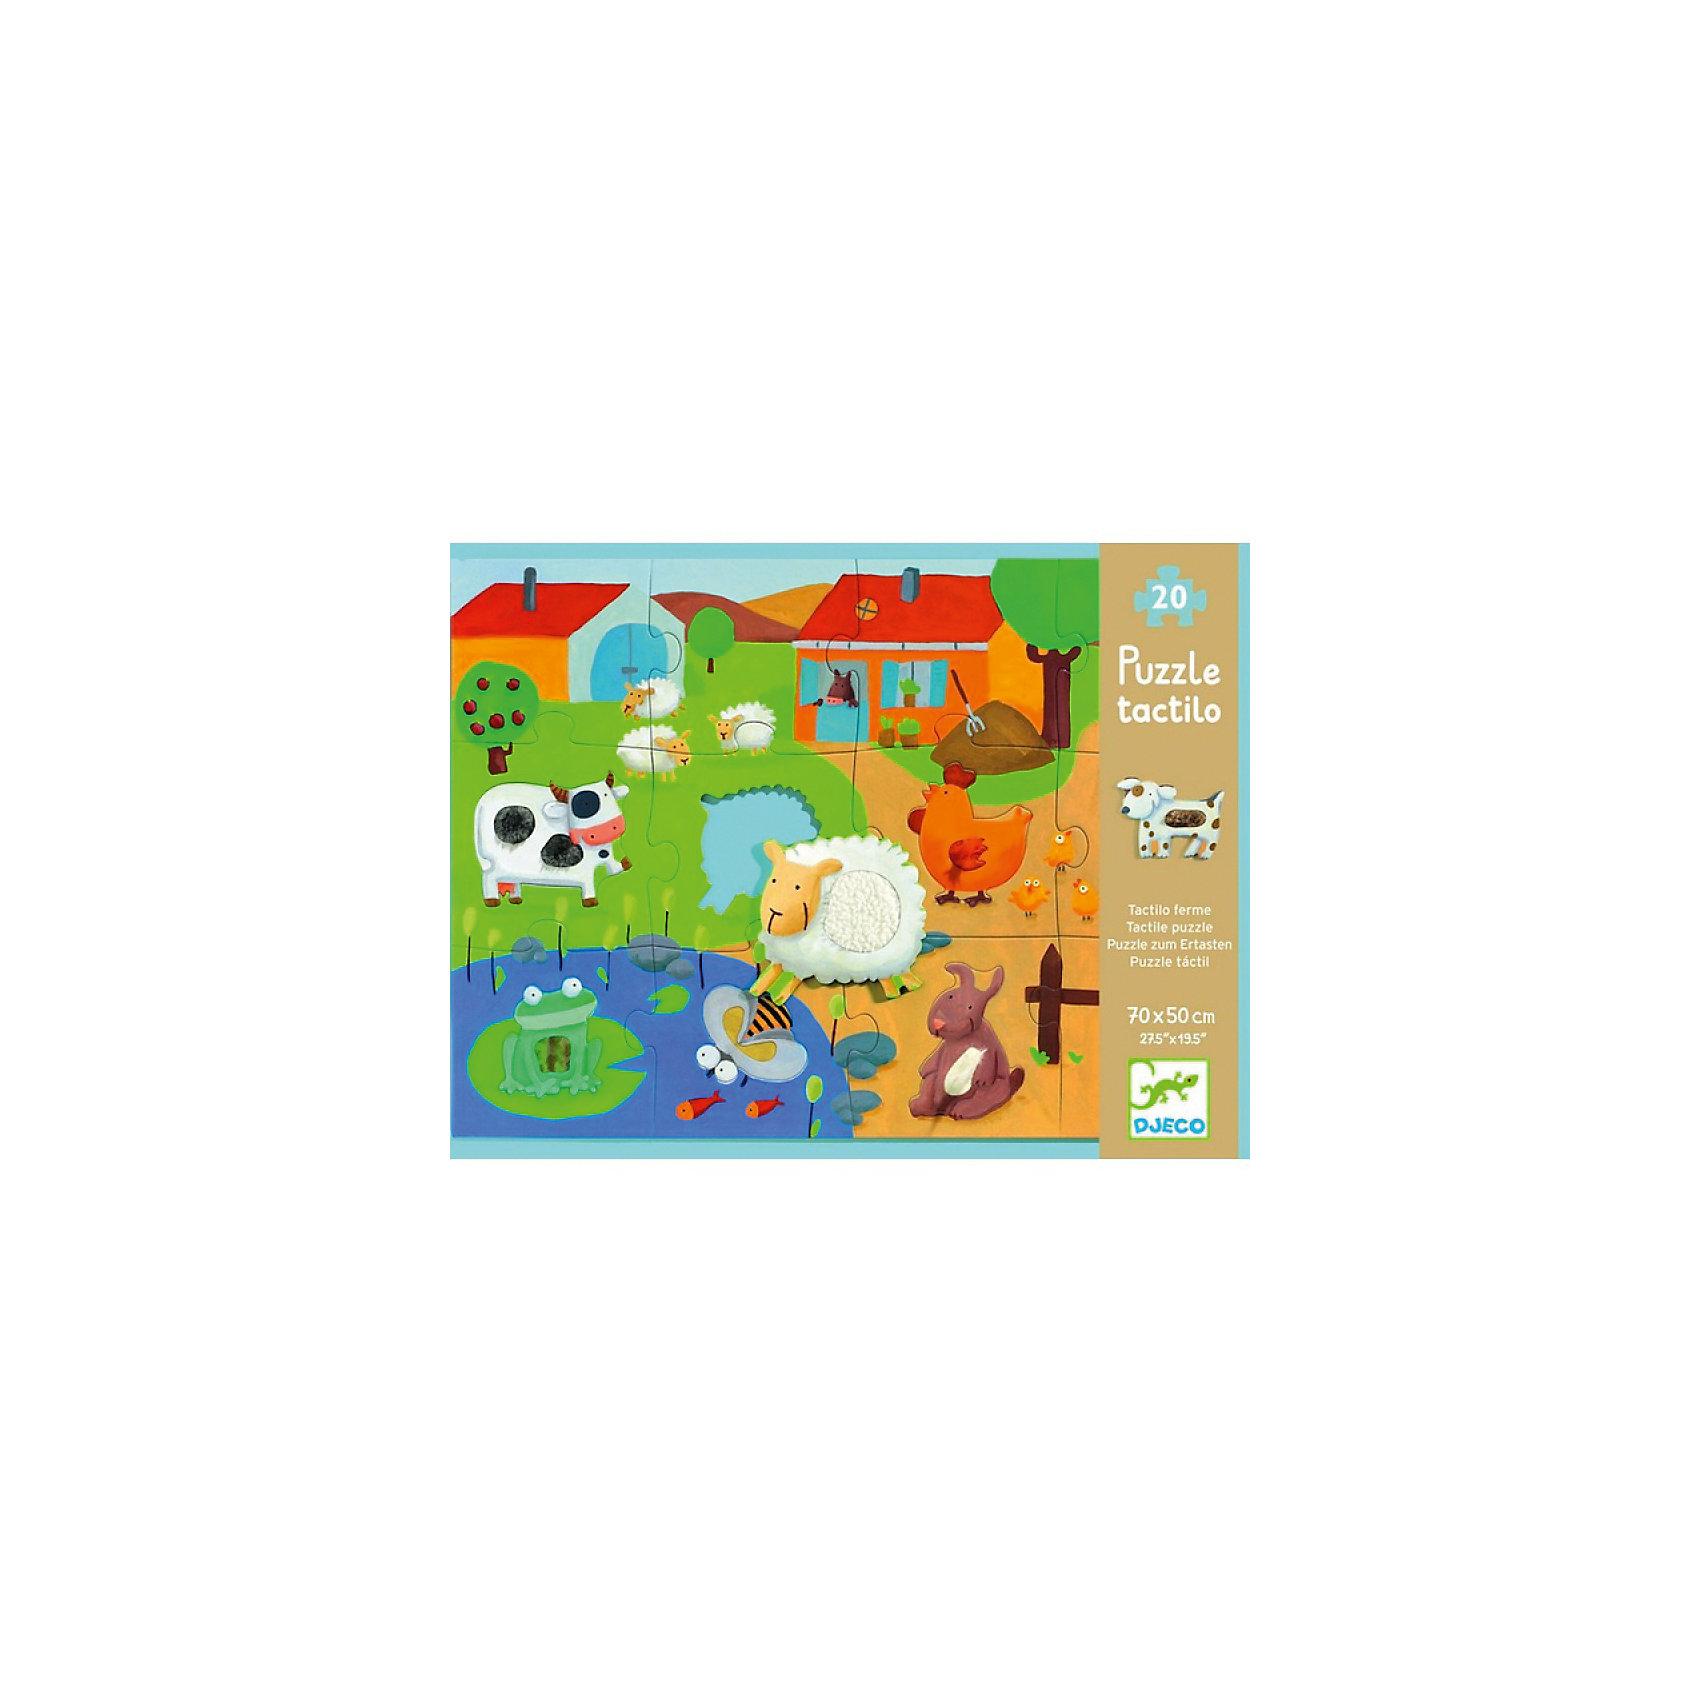 Пазл-гигант тактильный Ферма, 20 деталей, DJECOПазл-гигант тактильный «Ферма» от французской компании Djeco - оригинальная игрушка исключительного качества и дизайна, направленная на всестороннее развитие ребенка. Игра с пазлом развивает моторику, мышление, цветовосприятие и фантазию малышей. В комплект входит 20 больших деталей из плотного трехслойного картона. Детям предстоит собрать вместе все пазлы, чтобы в результате получилась красивая большая картинка с изображением забавной фермы. Детали, на которых изображены животные, имеют вставки из различных текстур, поэтому малышам будет особенно интересно изучать новых животных, используя также и тактильные навыки.<br><br>Дополнительная информация:<br><br>- Материал: картон.<br>- Размер готовой картины: 50х70 см.<br><br>Пазл-гигант тактильный Ферма, 20 деталей, DJECO (Джеко), можно купить в нашем магазине.<br><br>Ширина мм: 330<br>Глубина мм: 255<br>Высота мм: 60<br>Вес г: 350<br>Возраст от месяцев: 36<br>Возраст до месяцев: 72<br>Пол: Унисекс<br>Возраст: Детский<br>SKU: 4051896